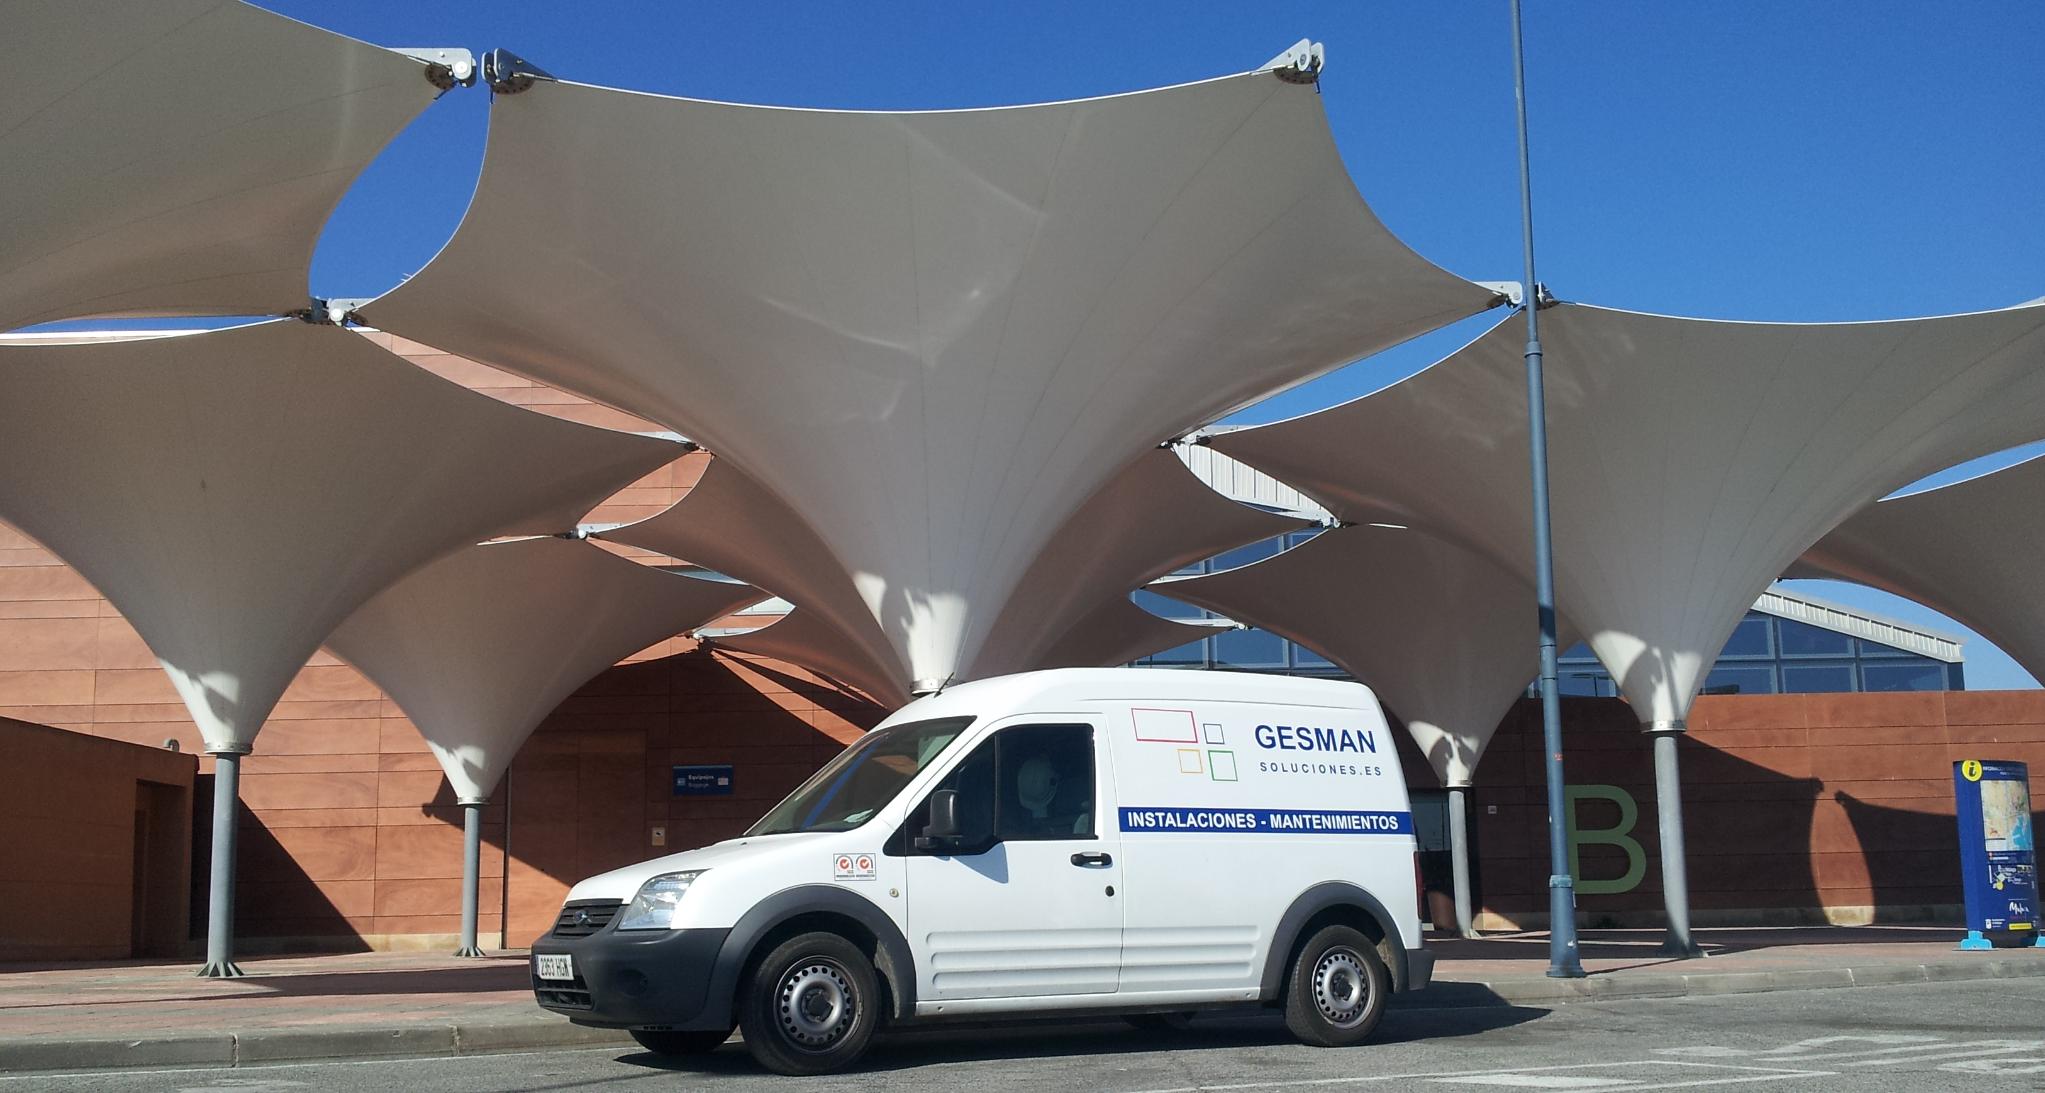 Empresa de mantenimiento madrid gesman soluciones for Empresas de mantenimiento de edificios en madrid